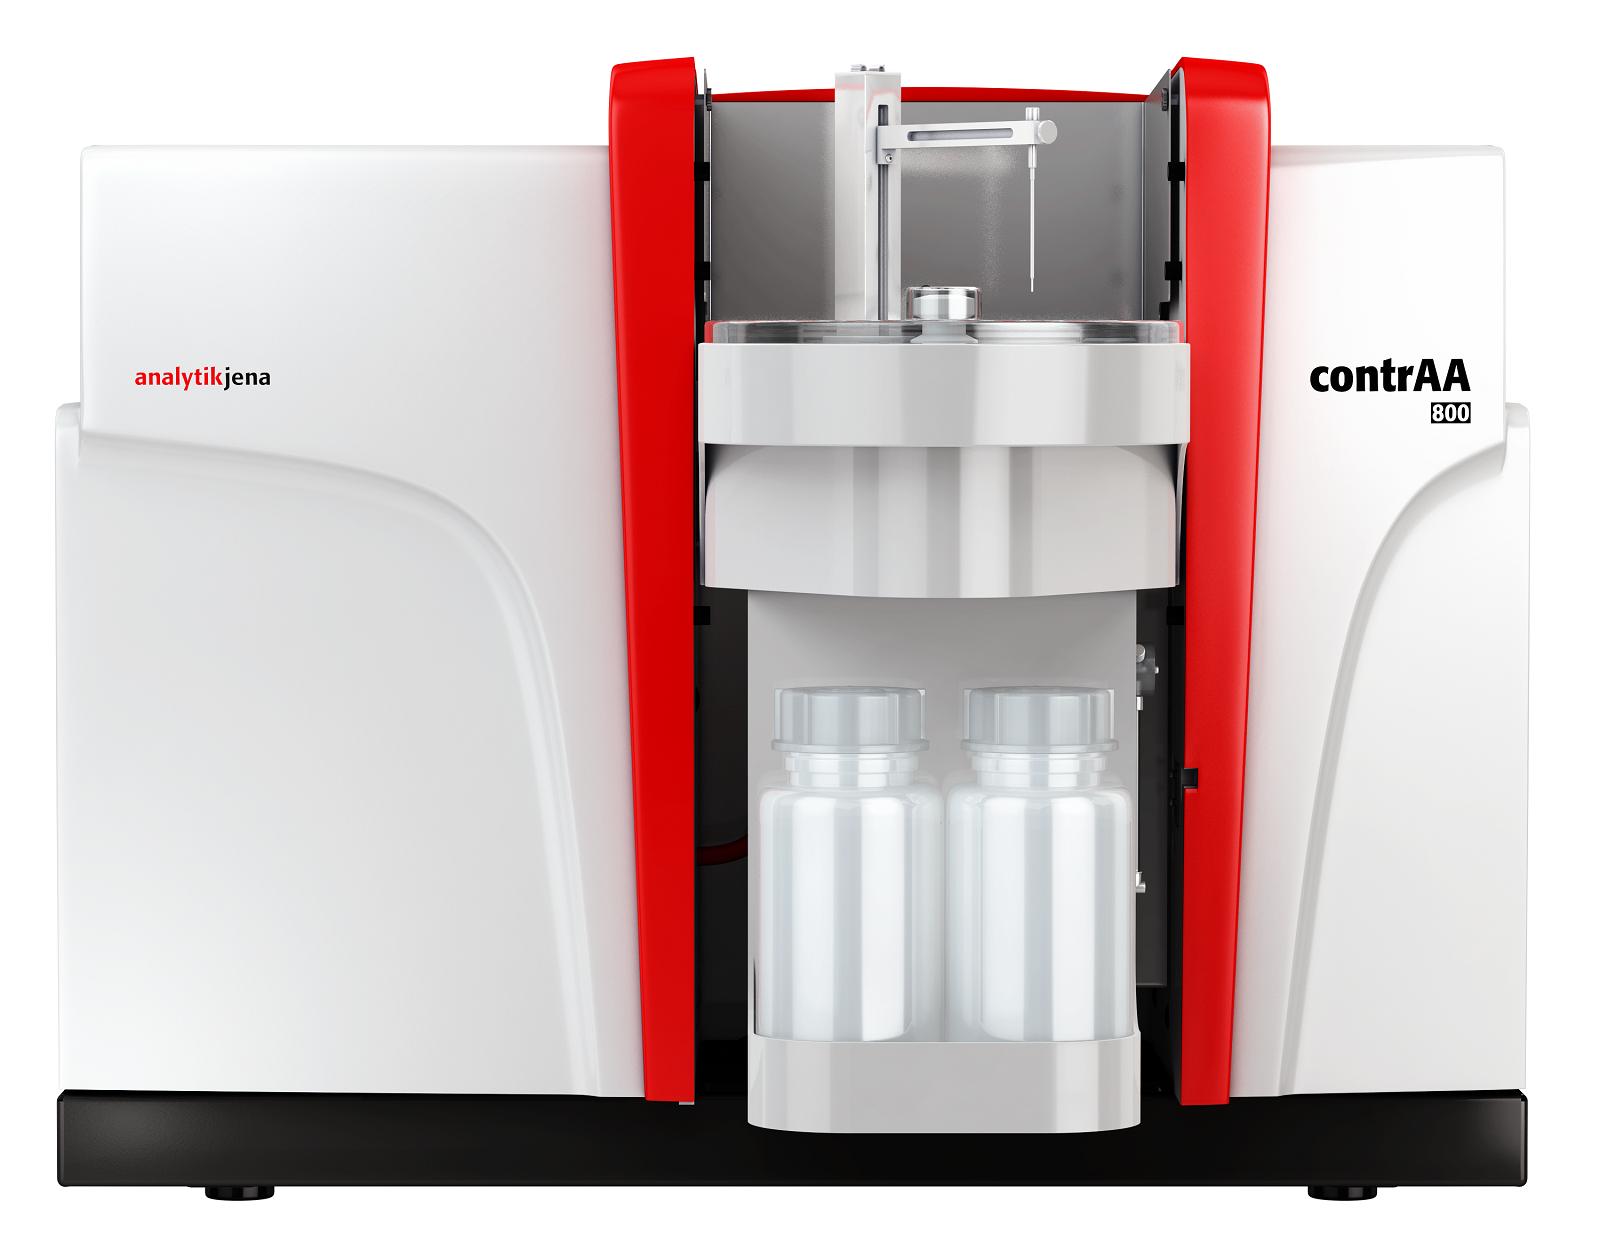 Атомно-абсорбционные спектрометры серии contrAA® 800